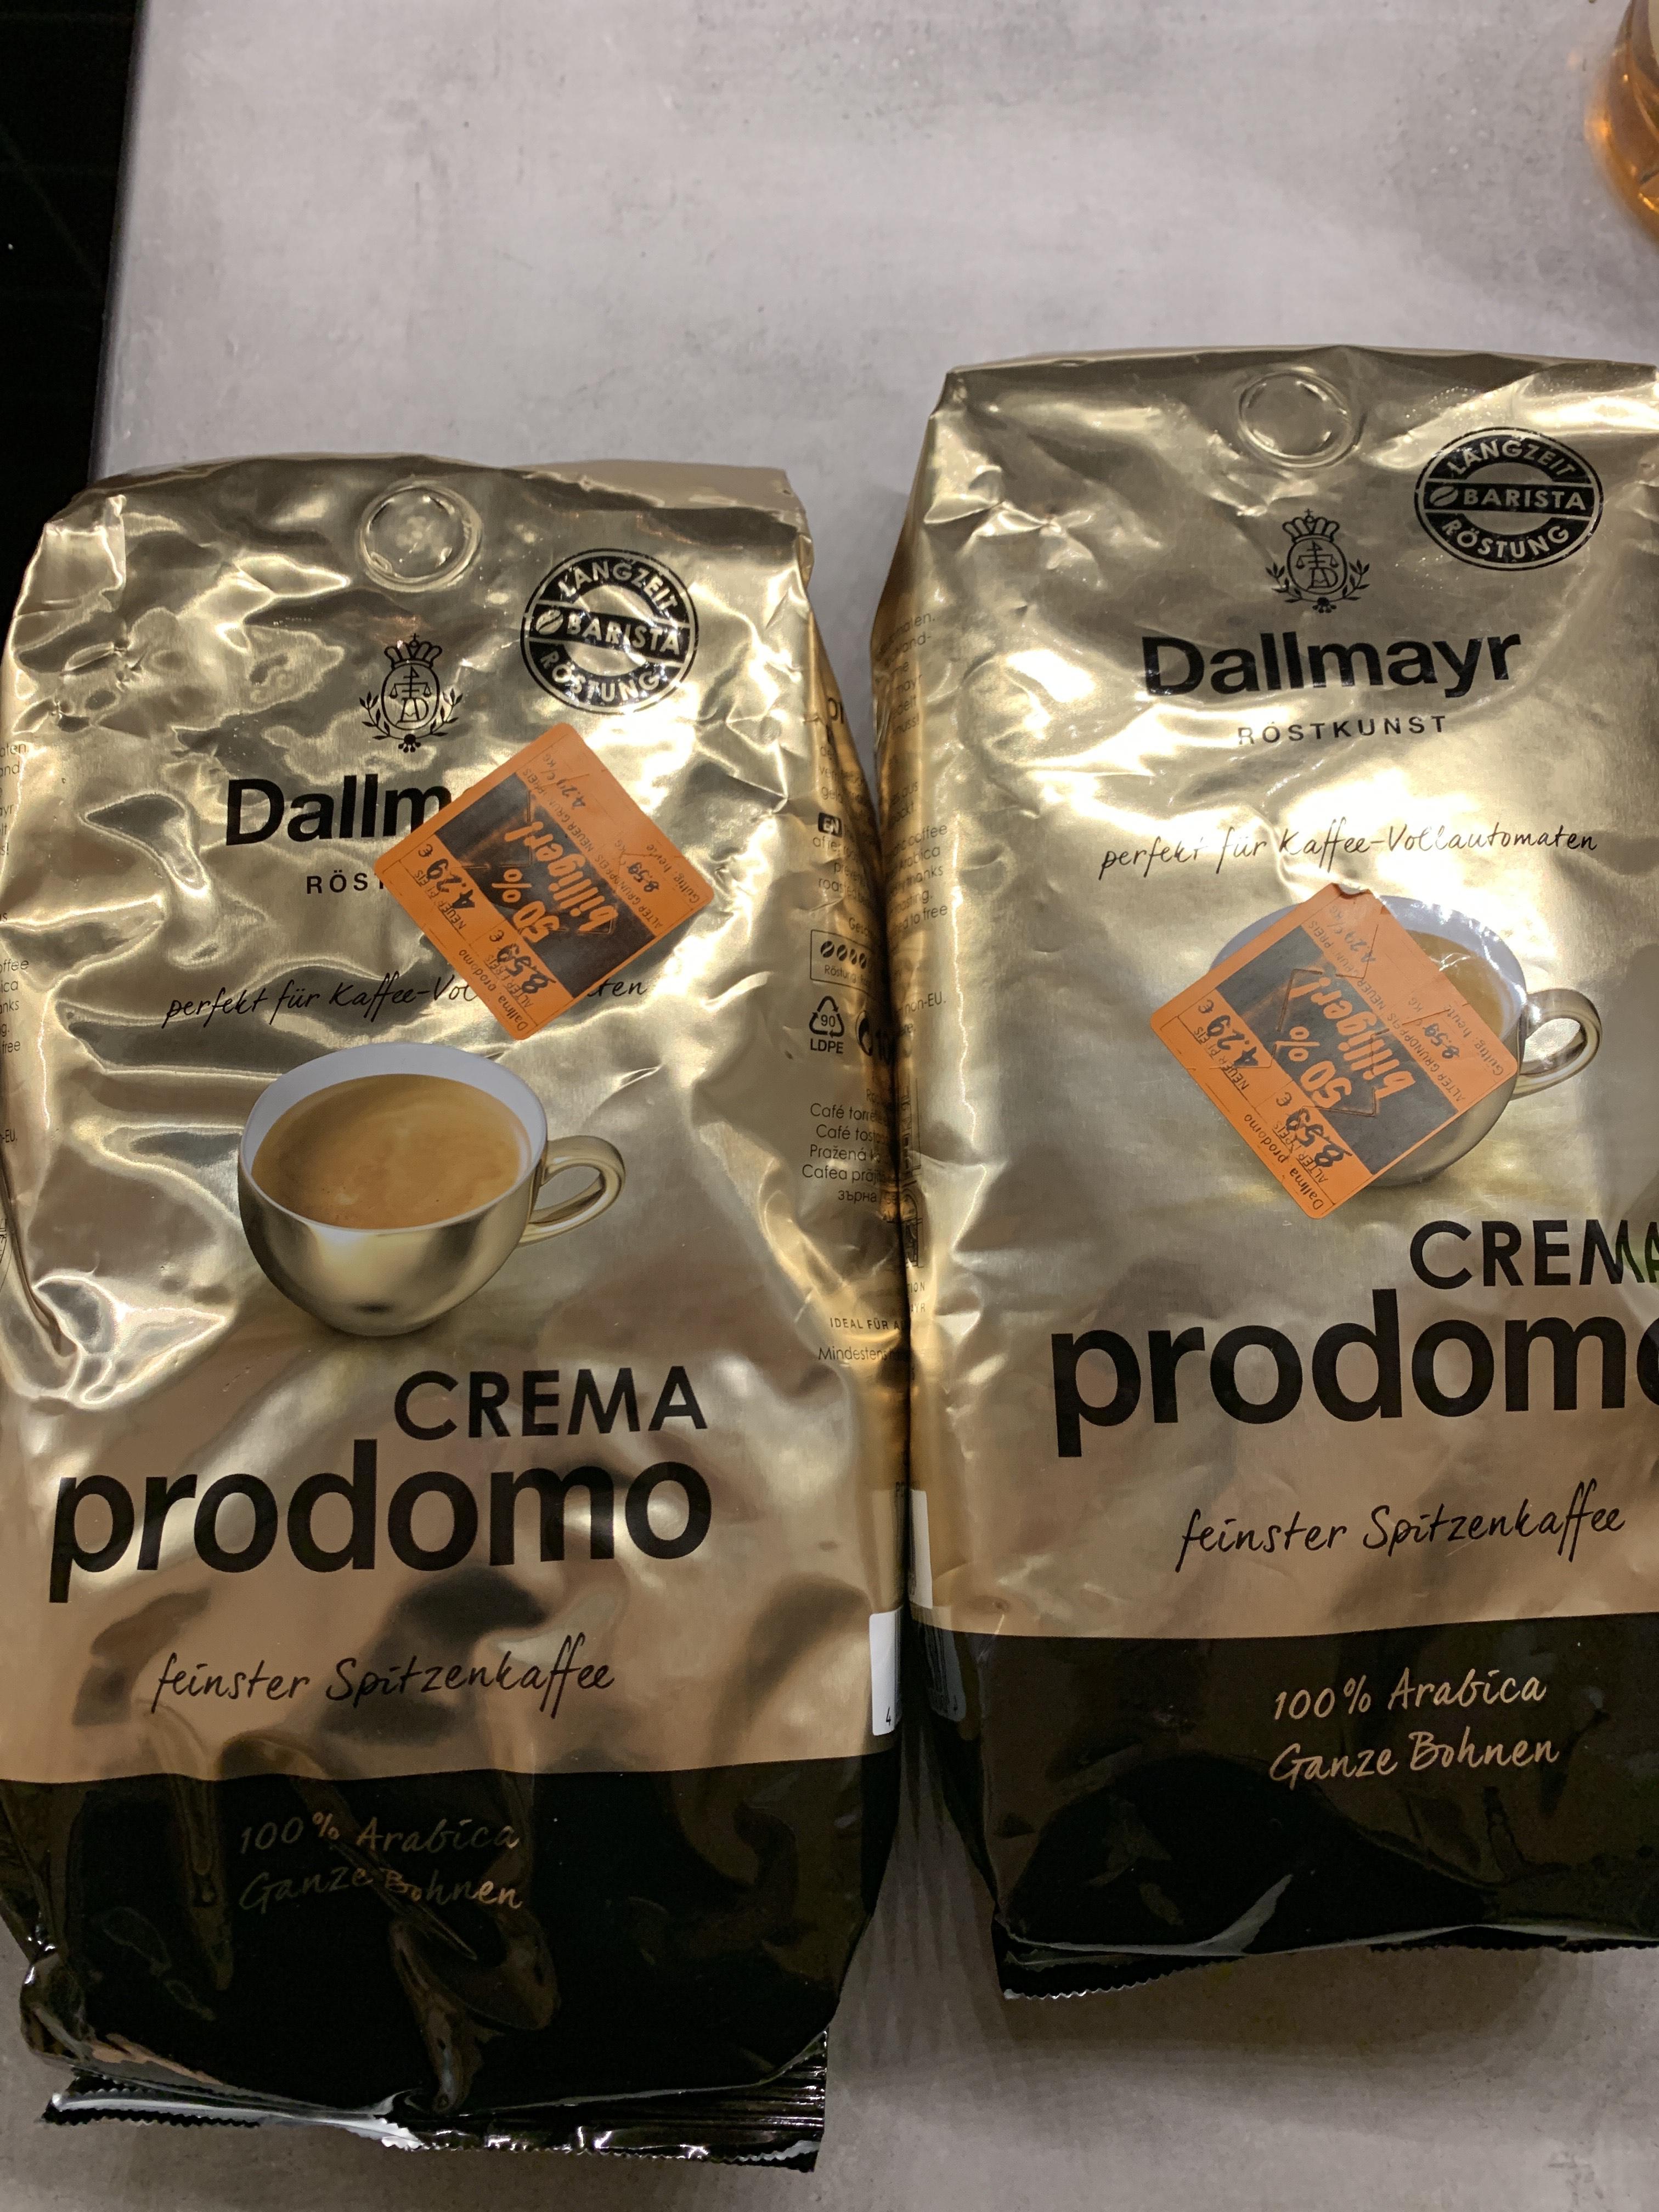 Dallmayr Crema Prodomo [LOKAL LIDL Stuttgart]